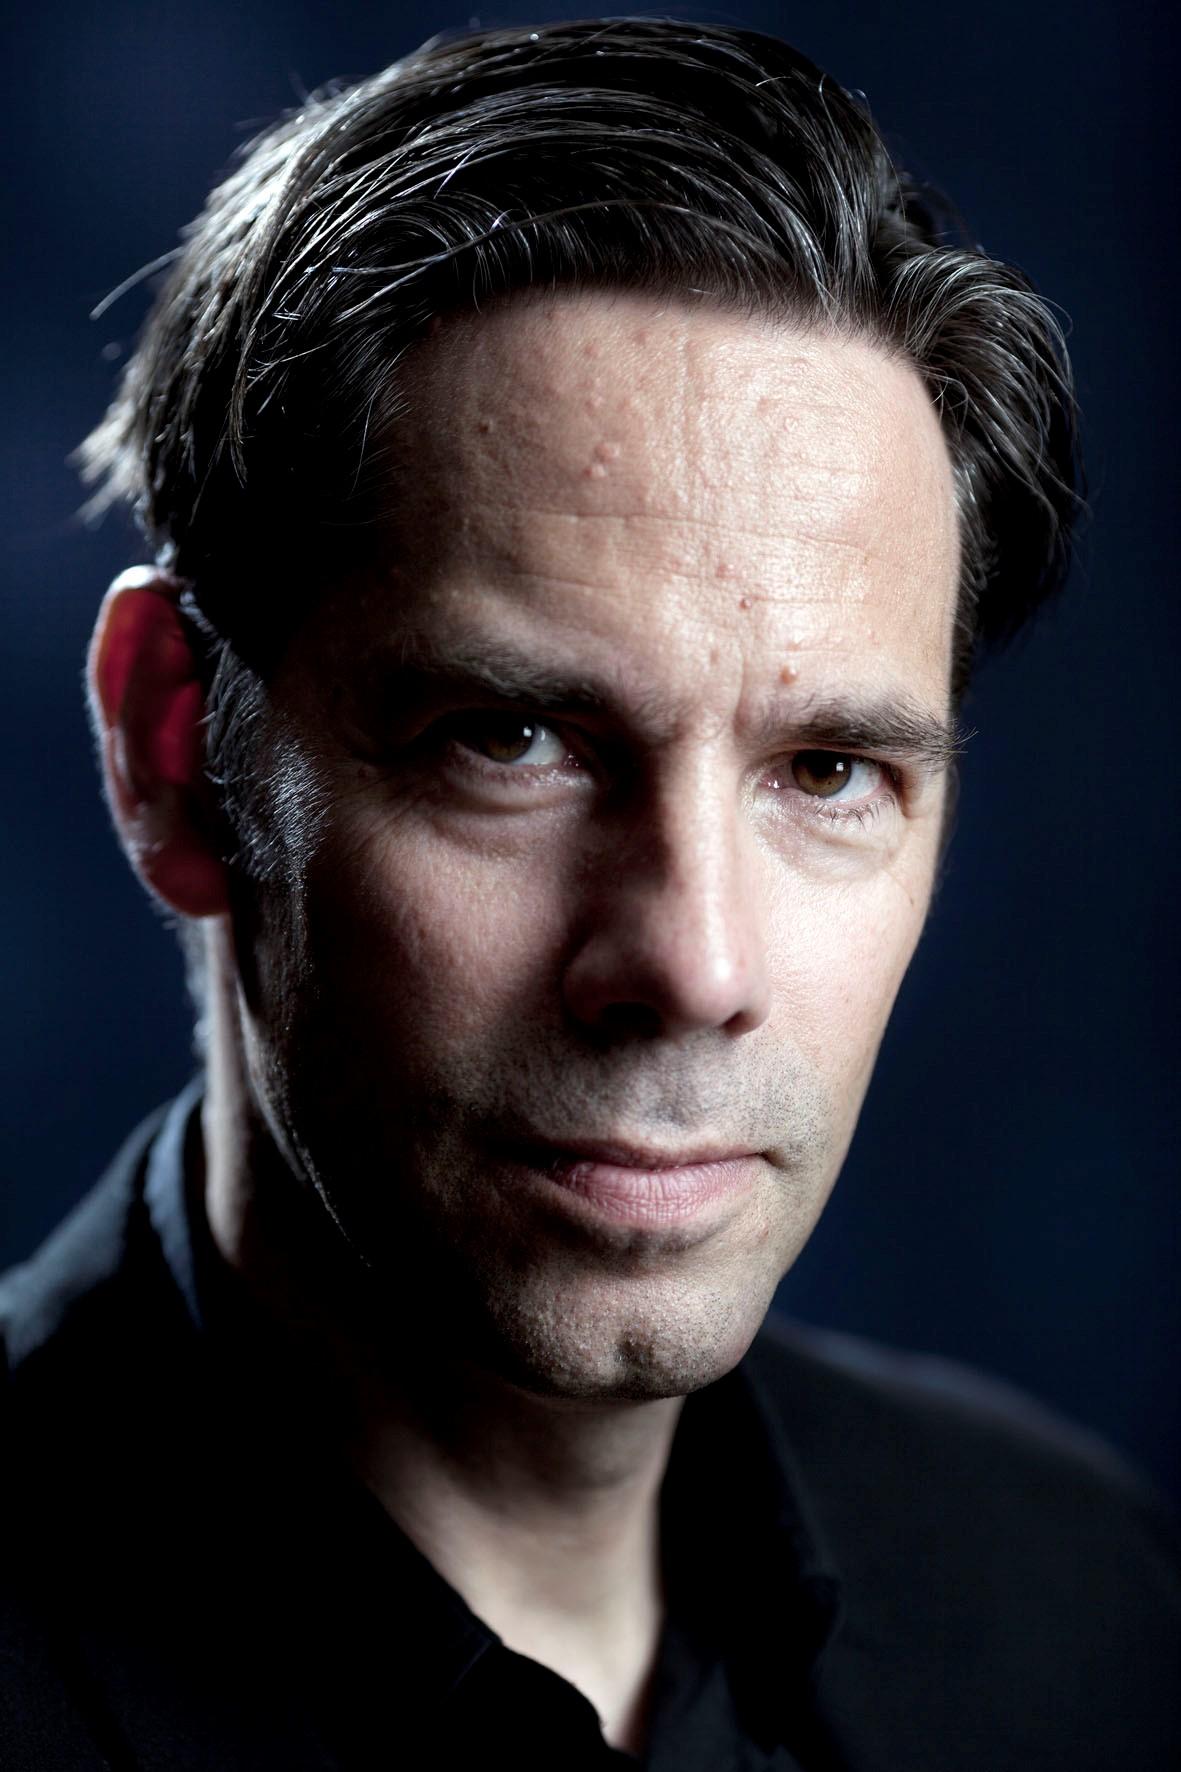 El arquitecto Jacob van Rijs, director de MVRDV. Fotografía: Hilbert Krane, cortesía FILBO.